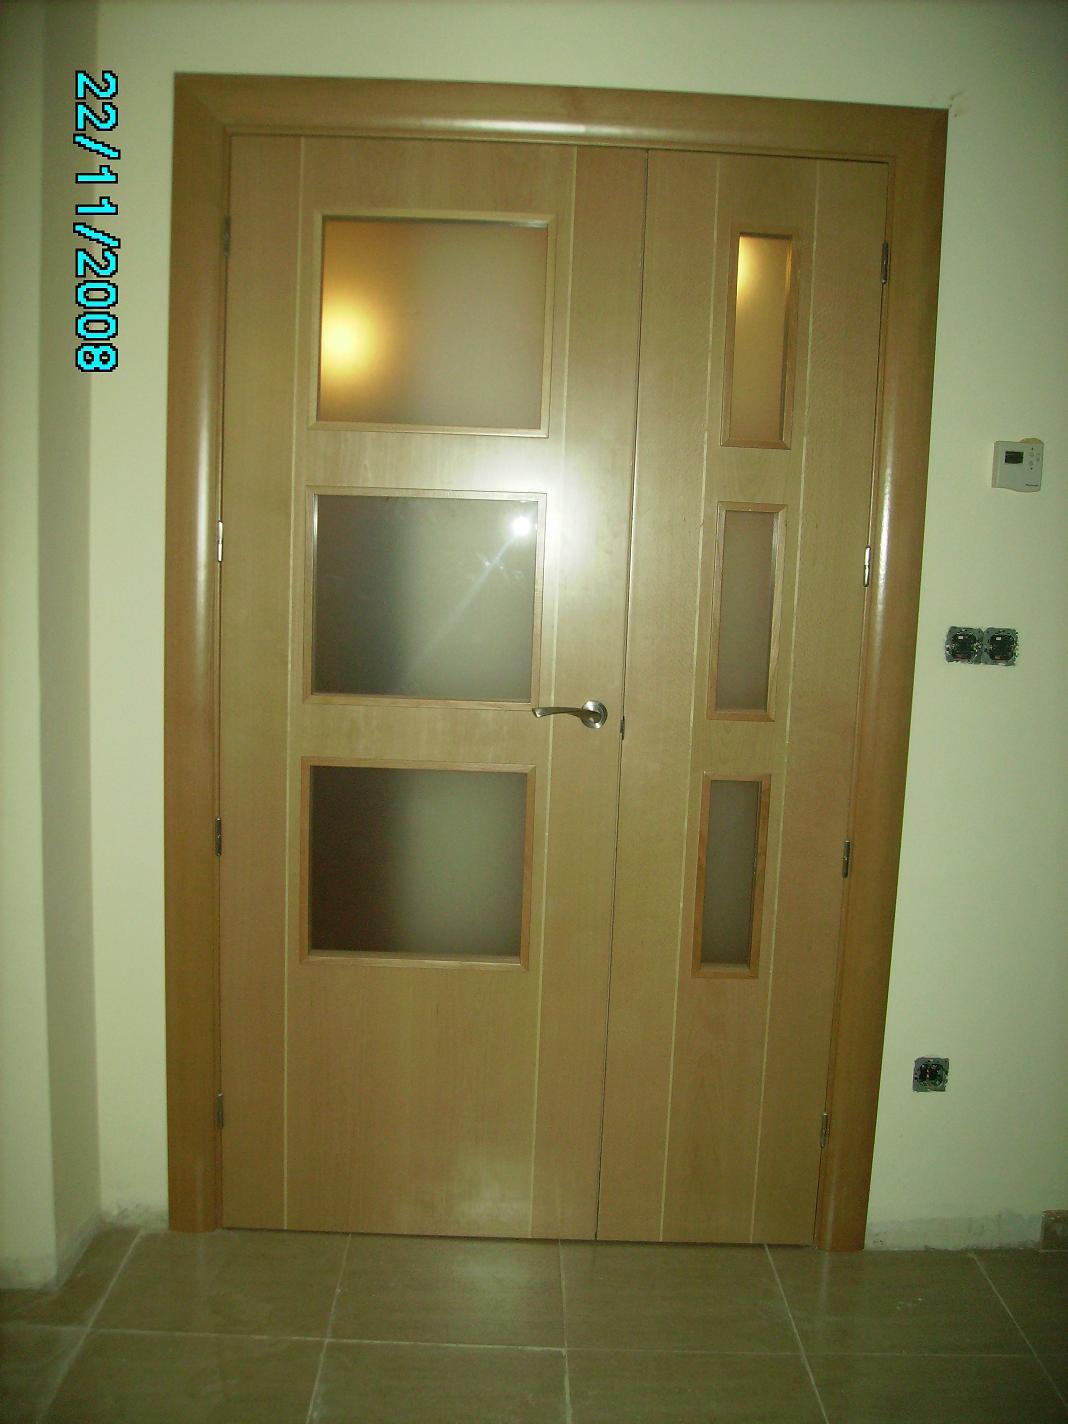 Puertas de interior clasicas armarios de madera puertas for Puertas interior baratas madrid